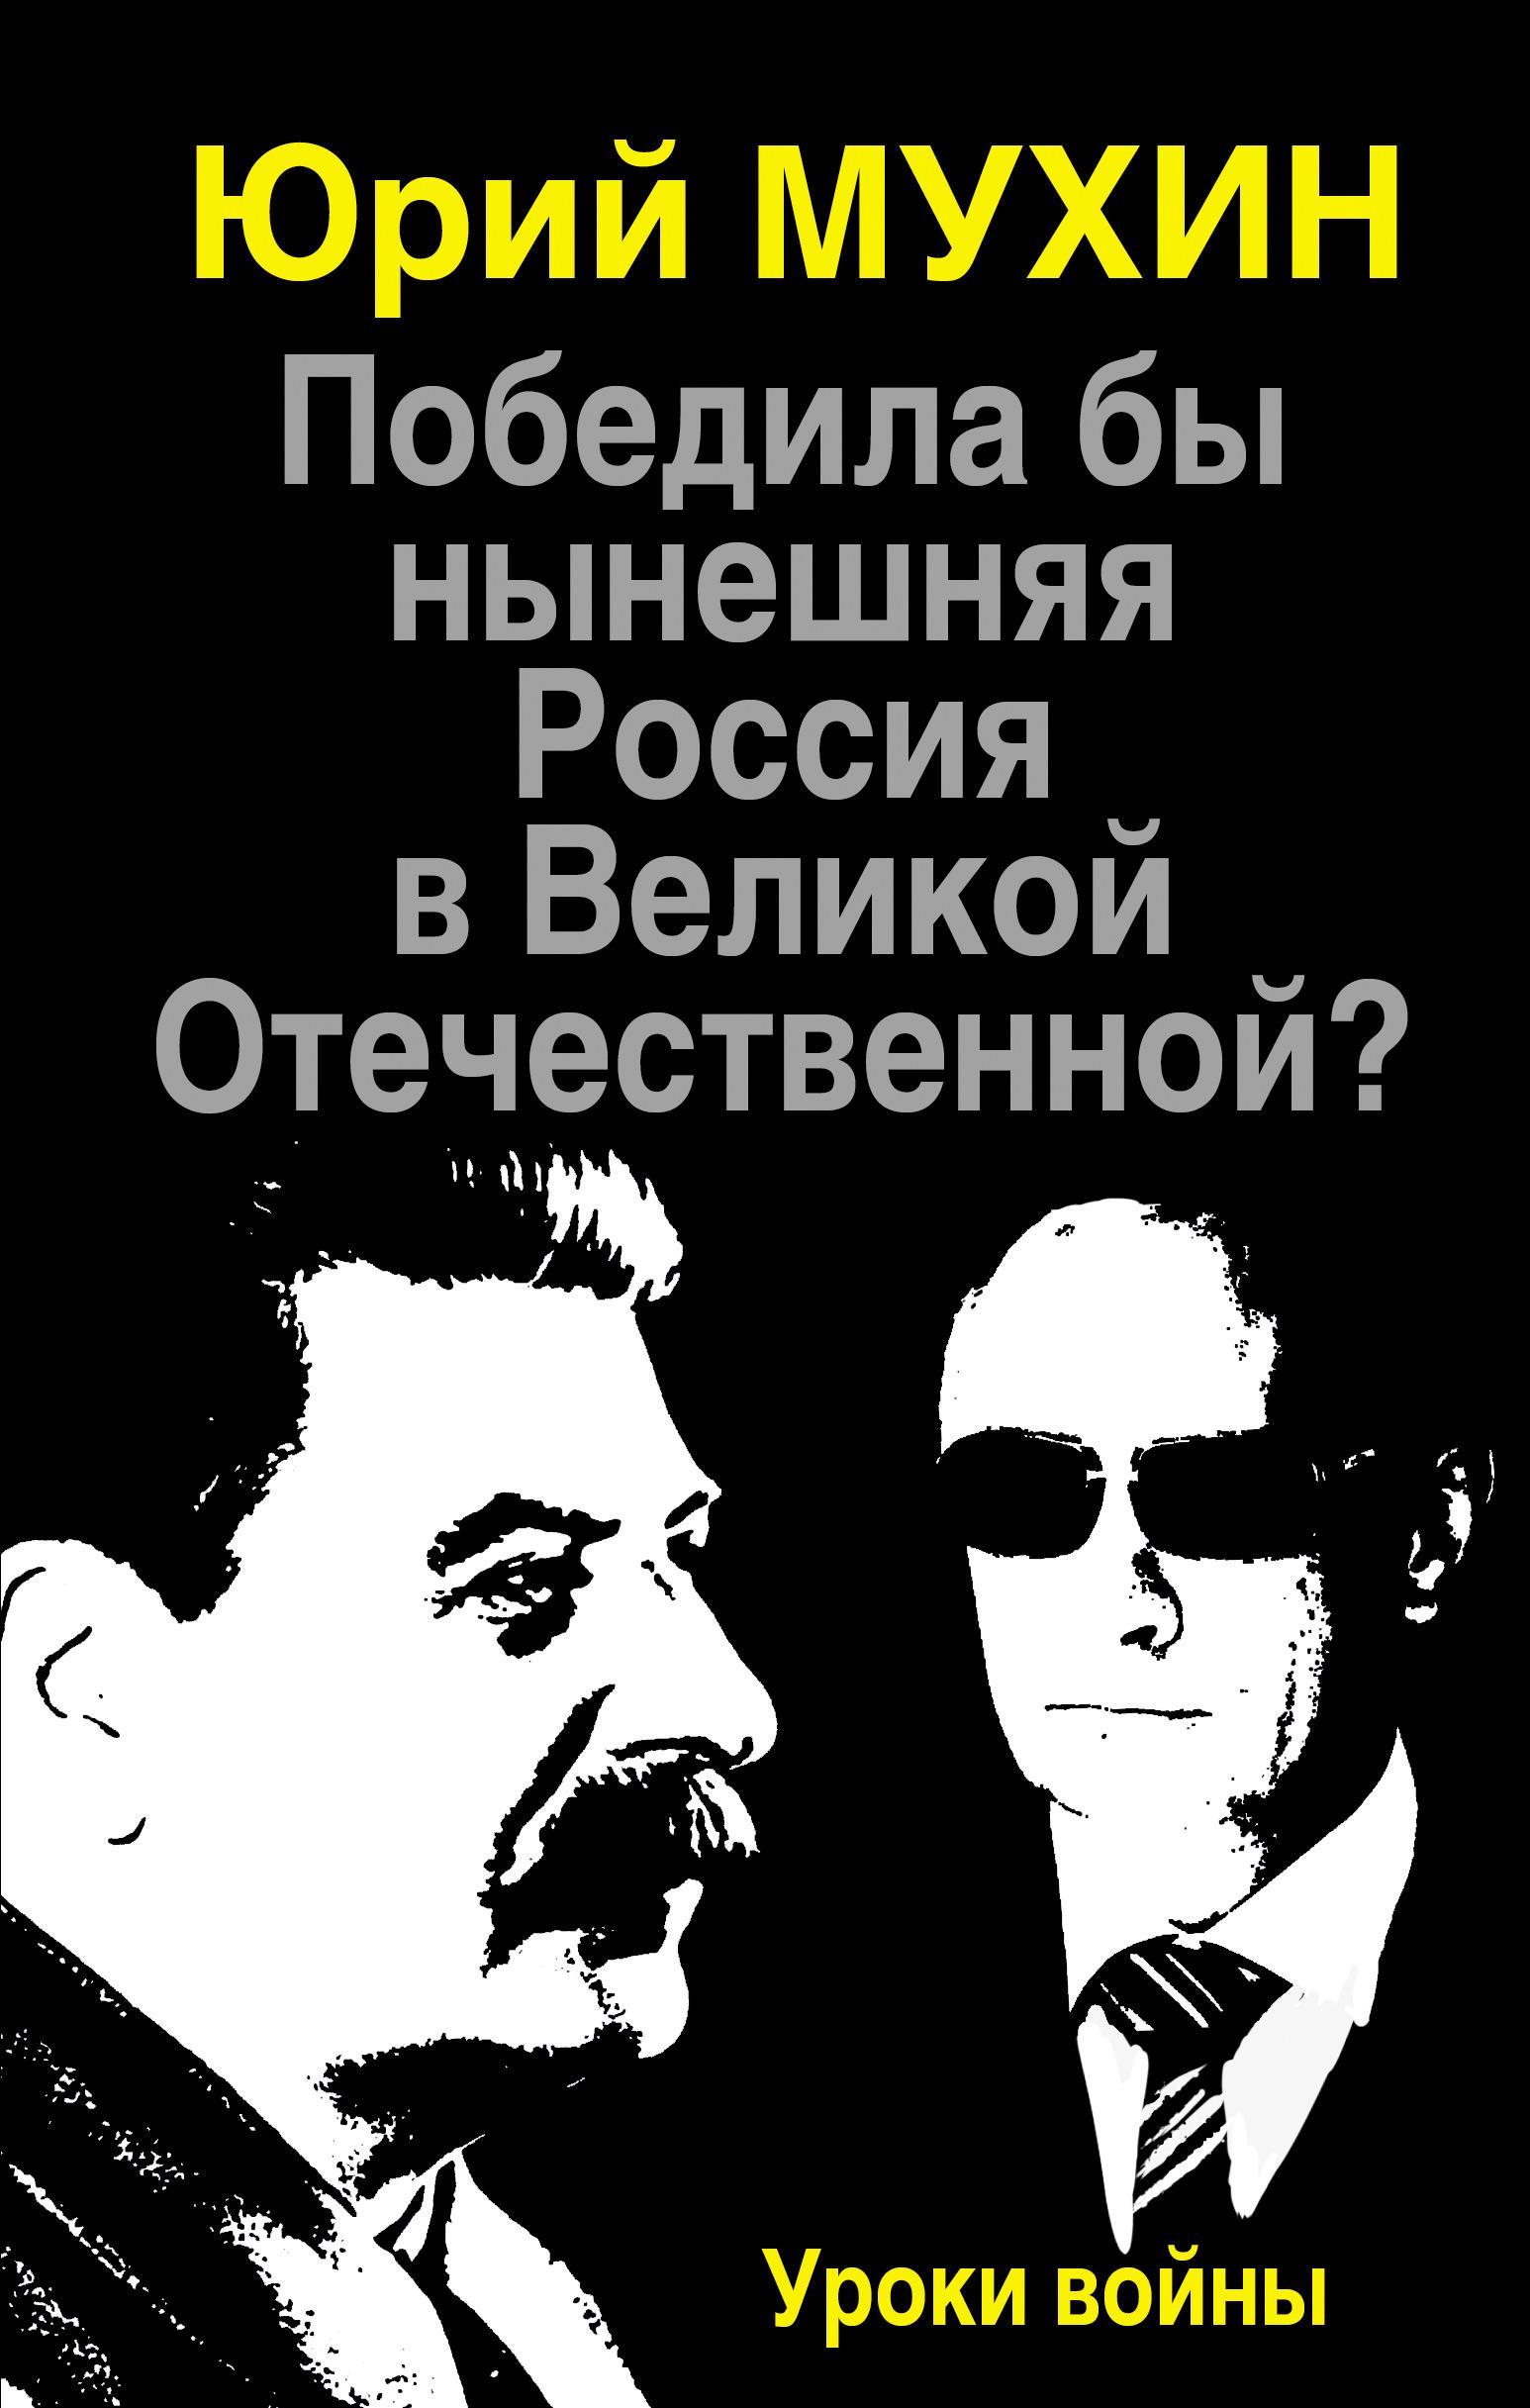 Победила бы нынешняя Россия в Великой Отечественной? Уроки войны